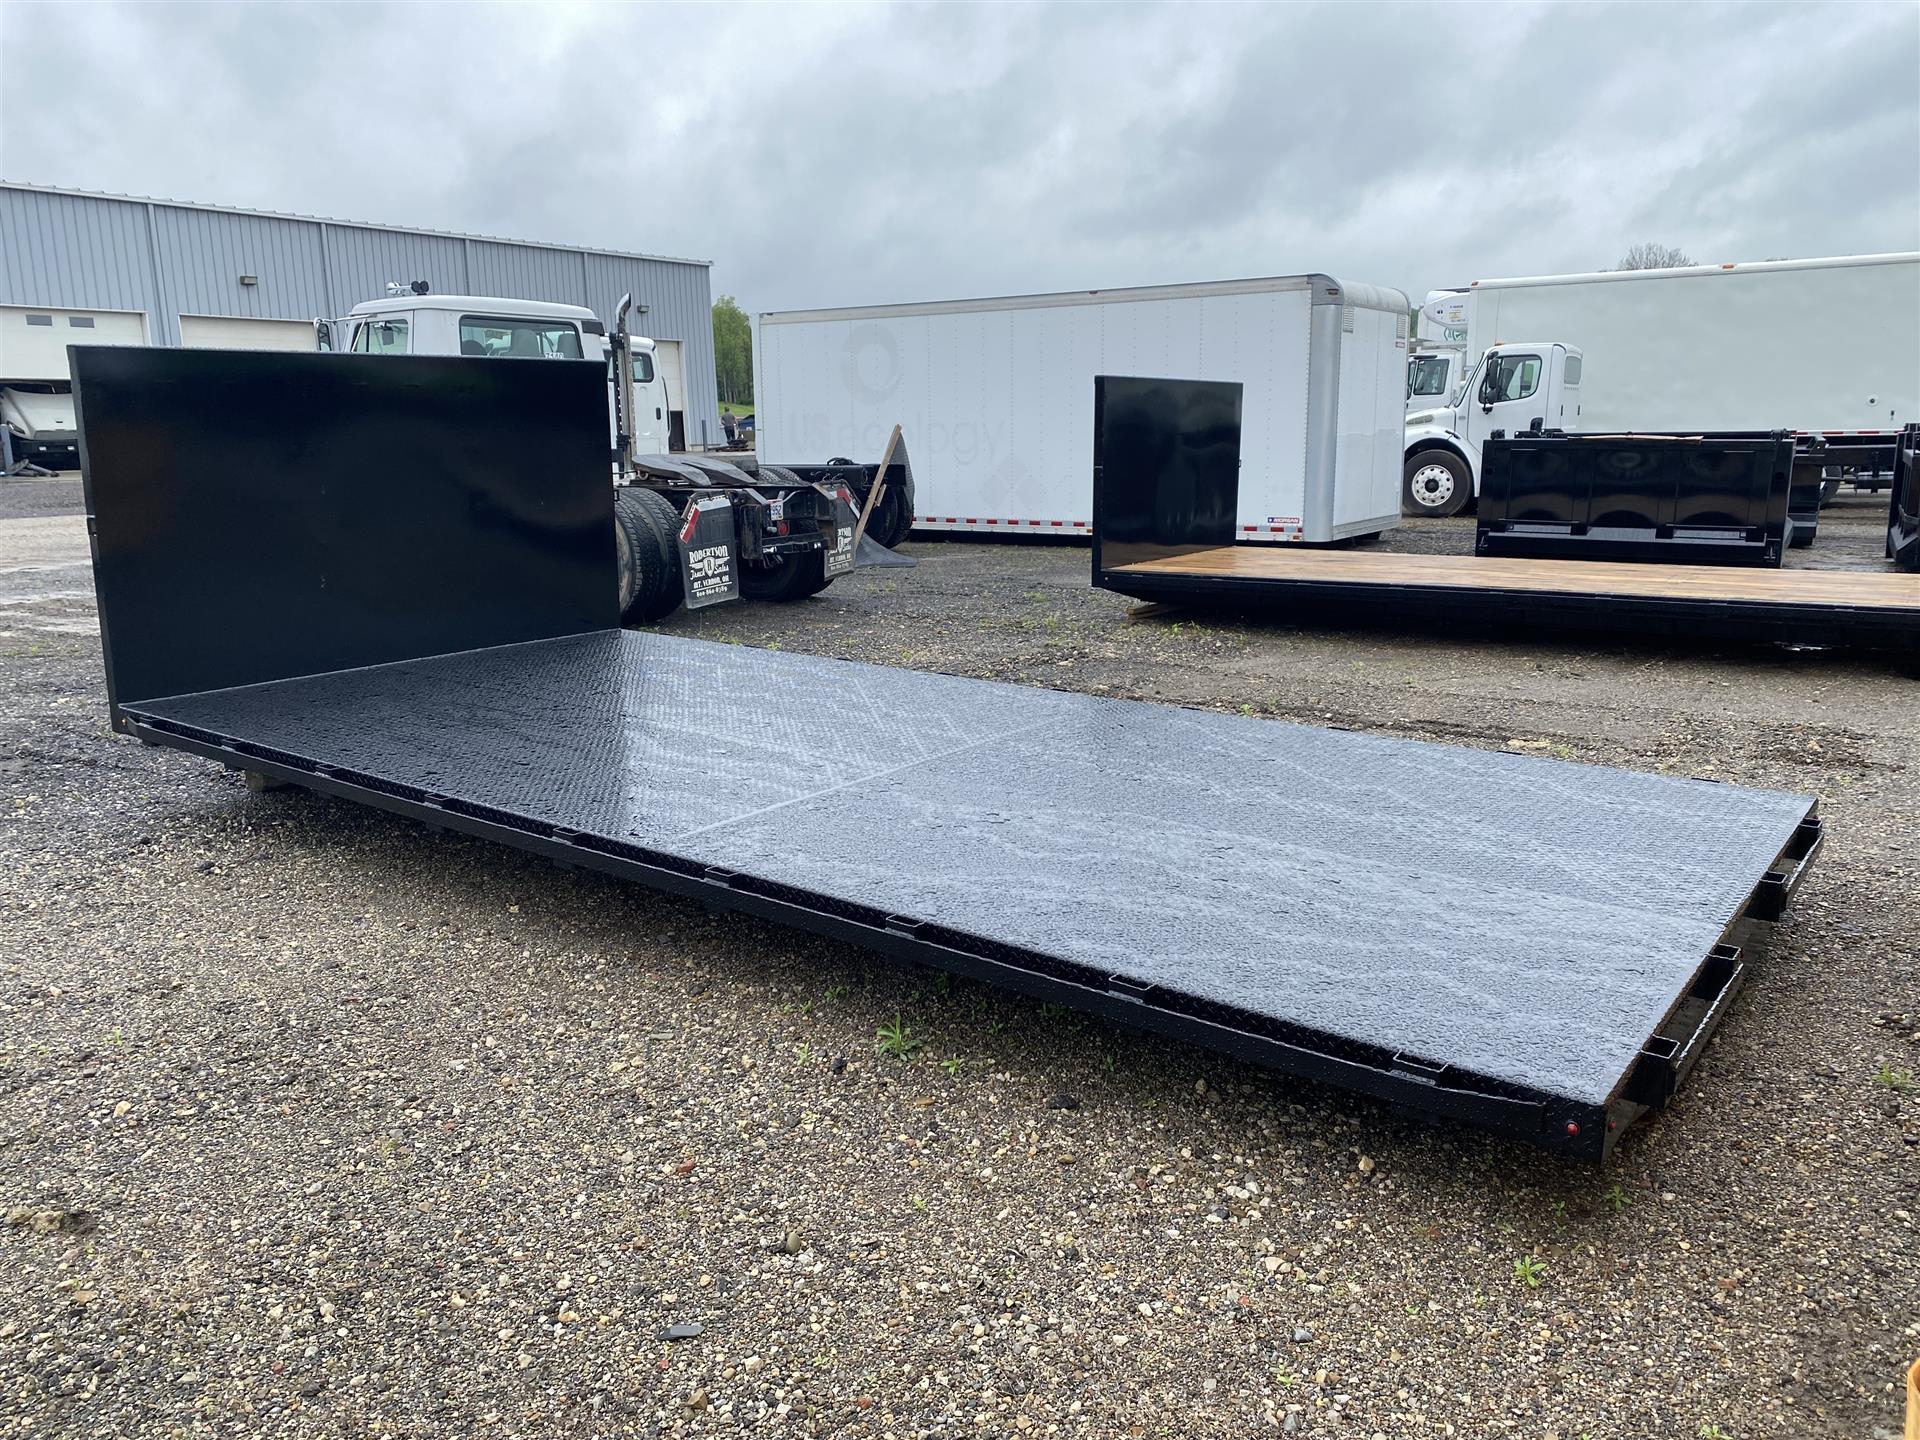 2021 Laramie Truck Bodies- 18'6'' Flatbed